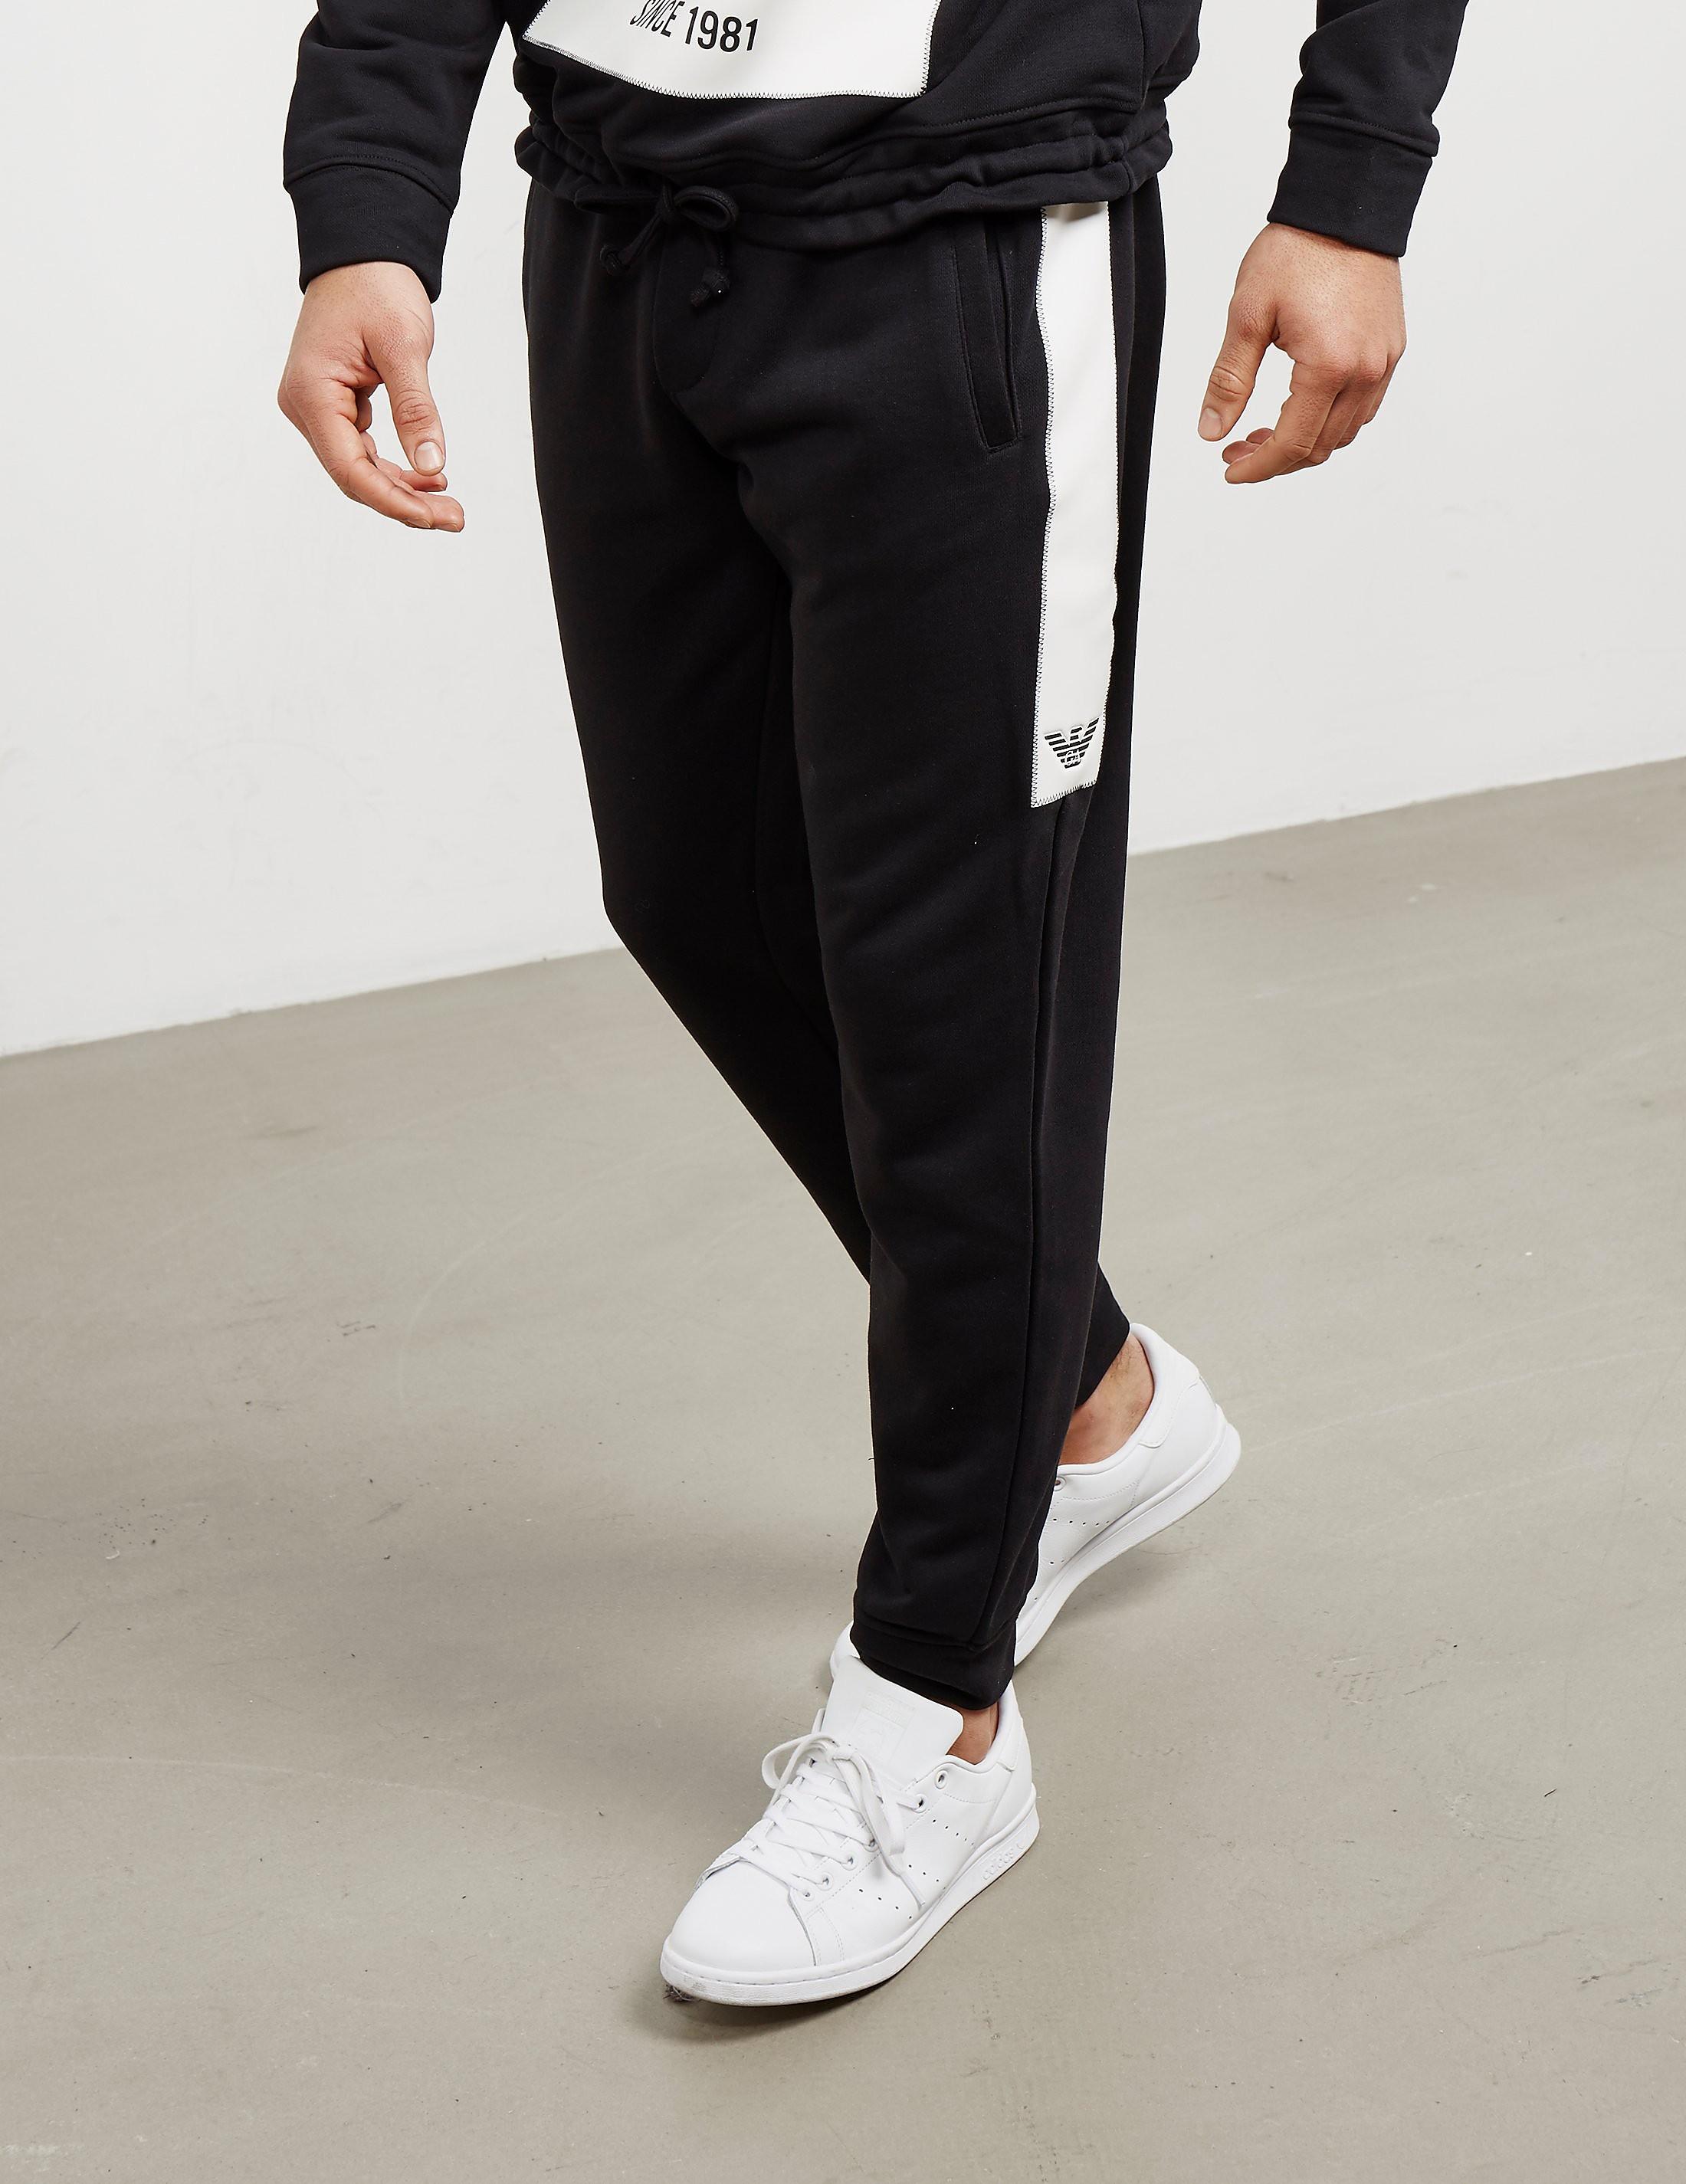 Emporio Armani Milano Fleece Track Pants- Online Exclusive